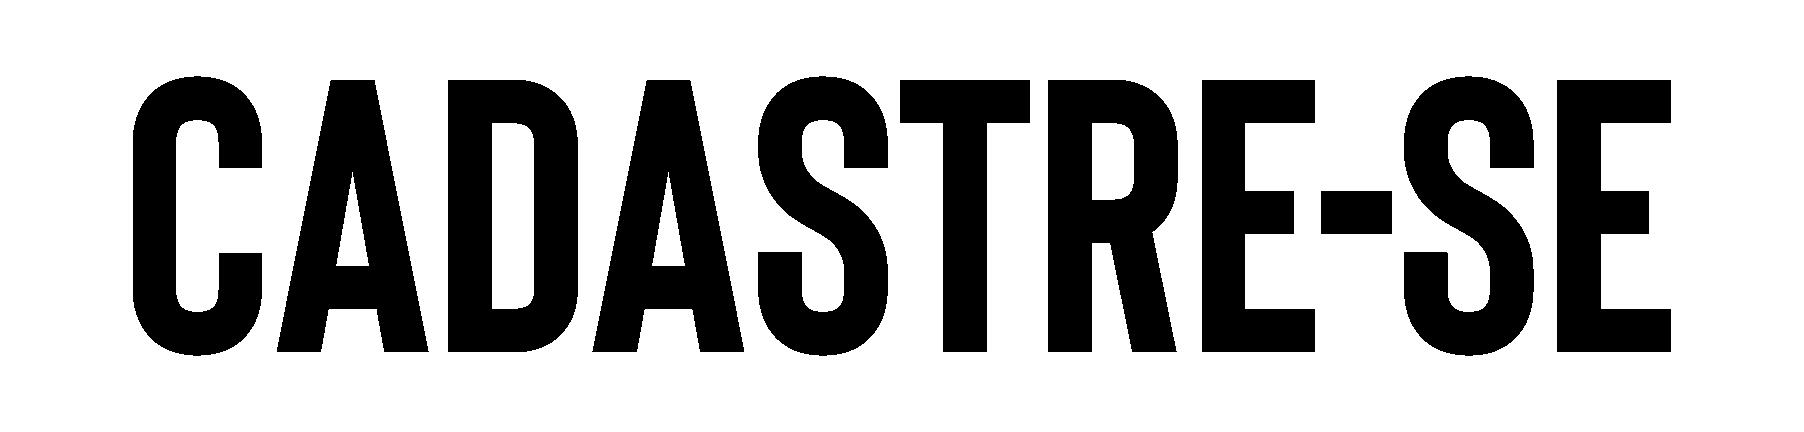 Cadastro